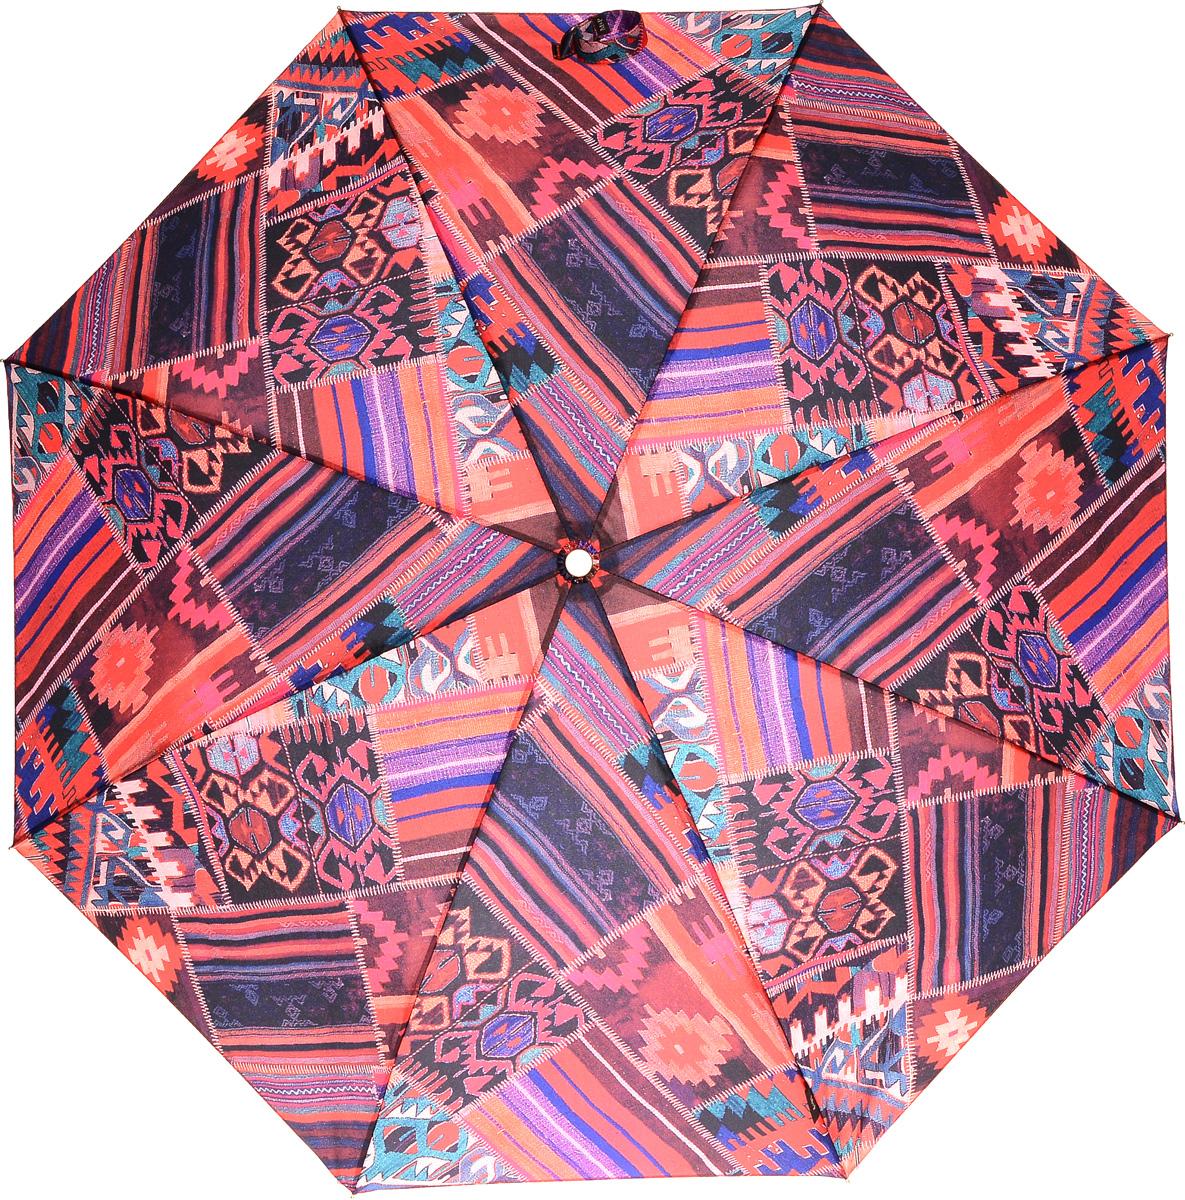 M&P 5867-1 Зонт полный автом. 3 сл. жен.5867-1Зонт испанского производителя Clima. В производстве зонтов используются современные материалы, что делает зонты легкими, но в то же время крепкими. Полный автомат, 3 сложения, 7 спиц, полиэстер.